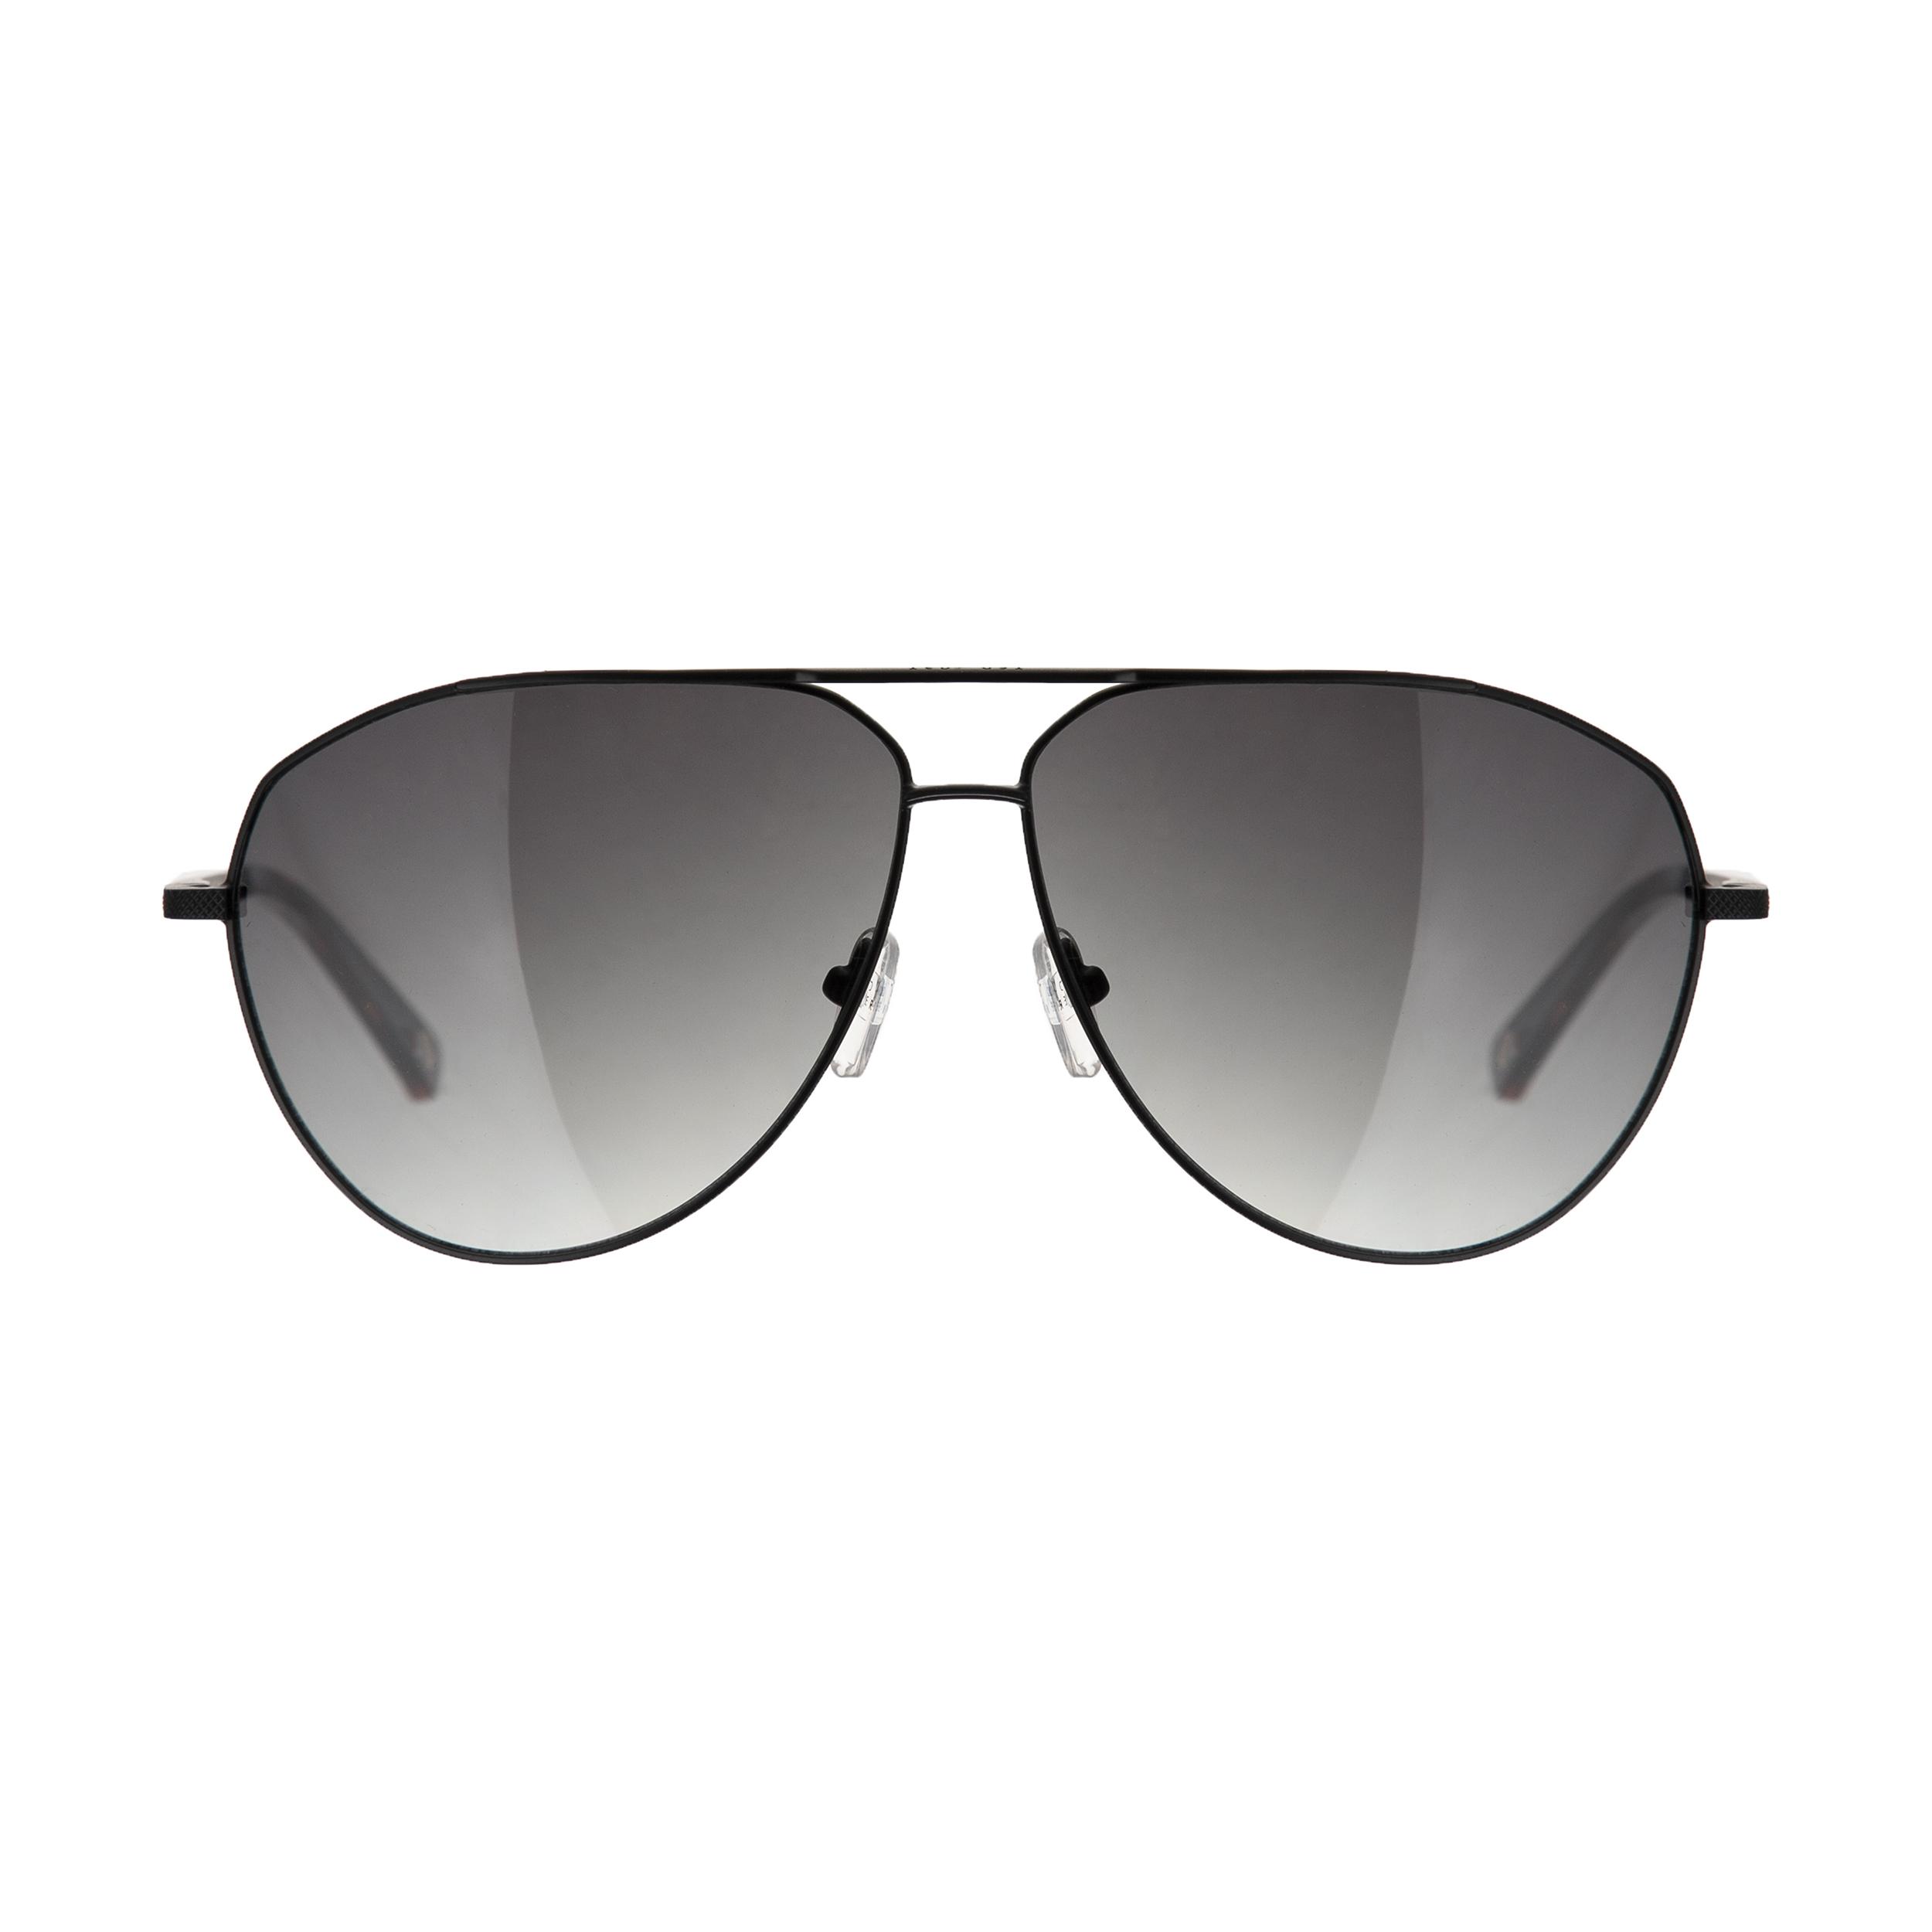 عینک آفتابی مردانه تد بیکر مدل TB 1449 001